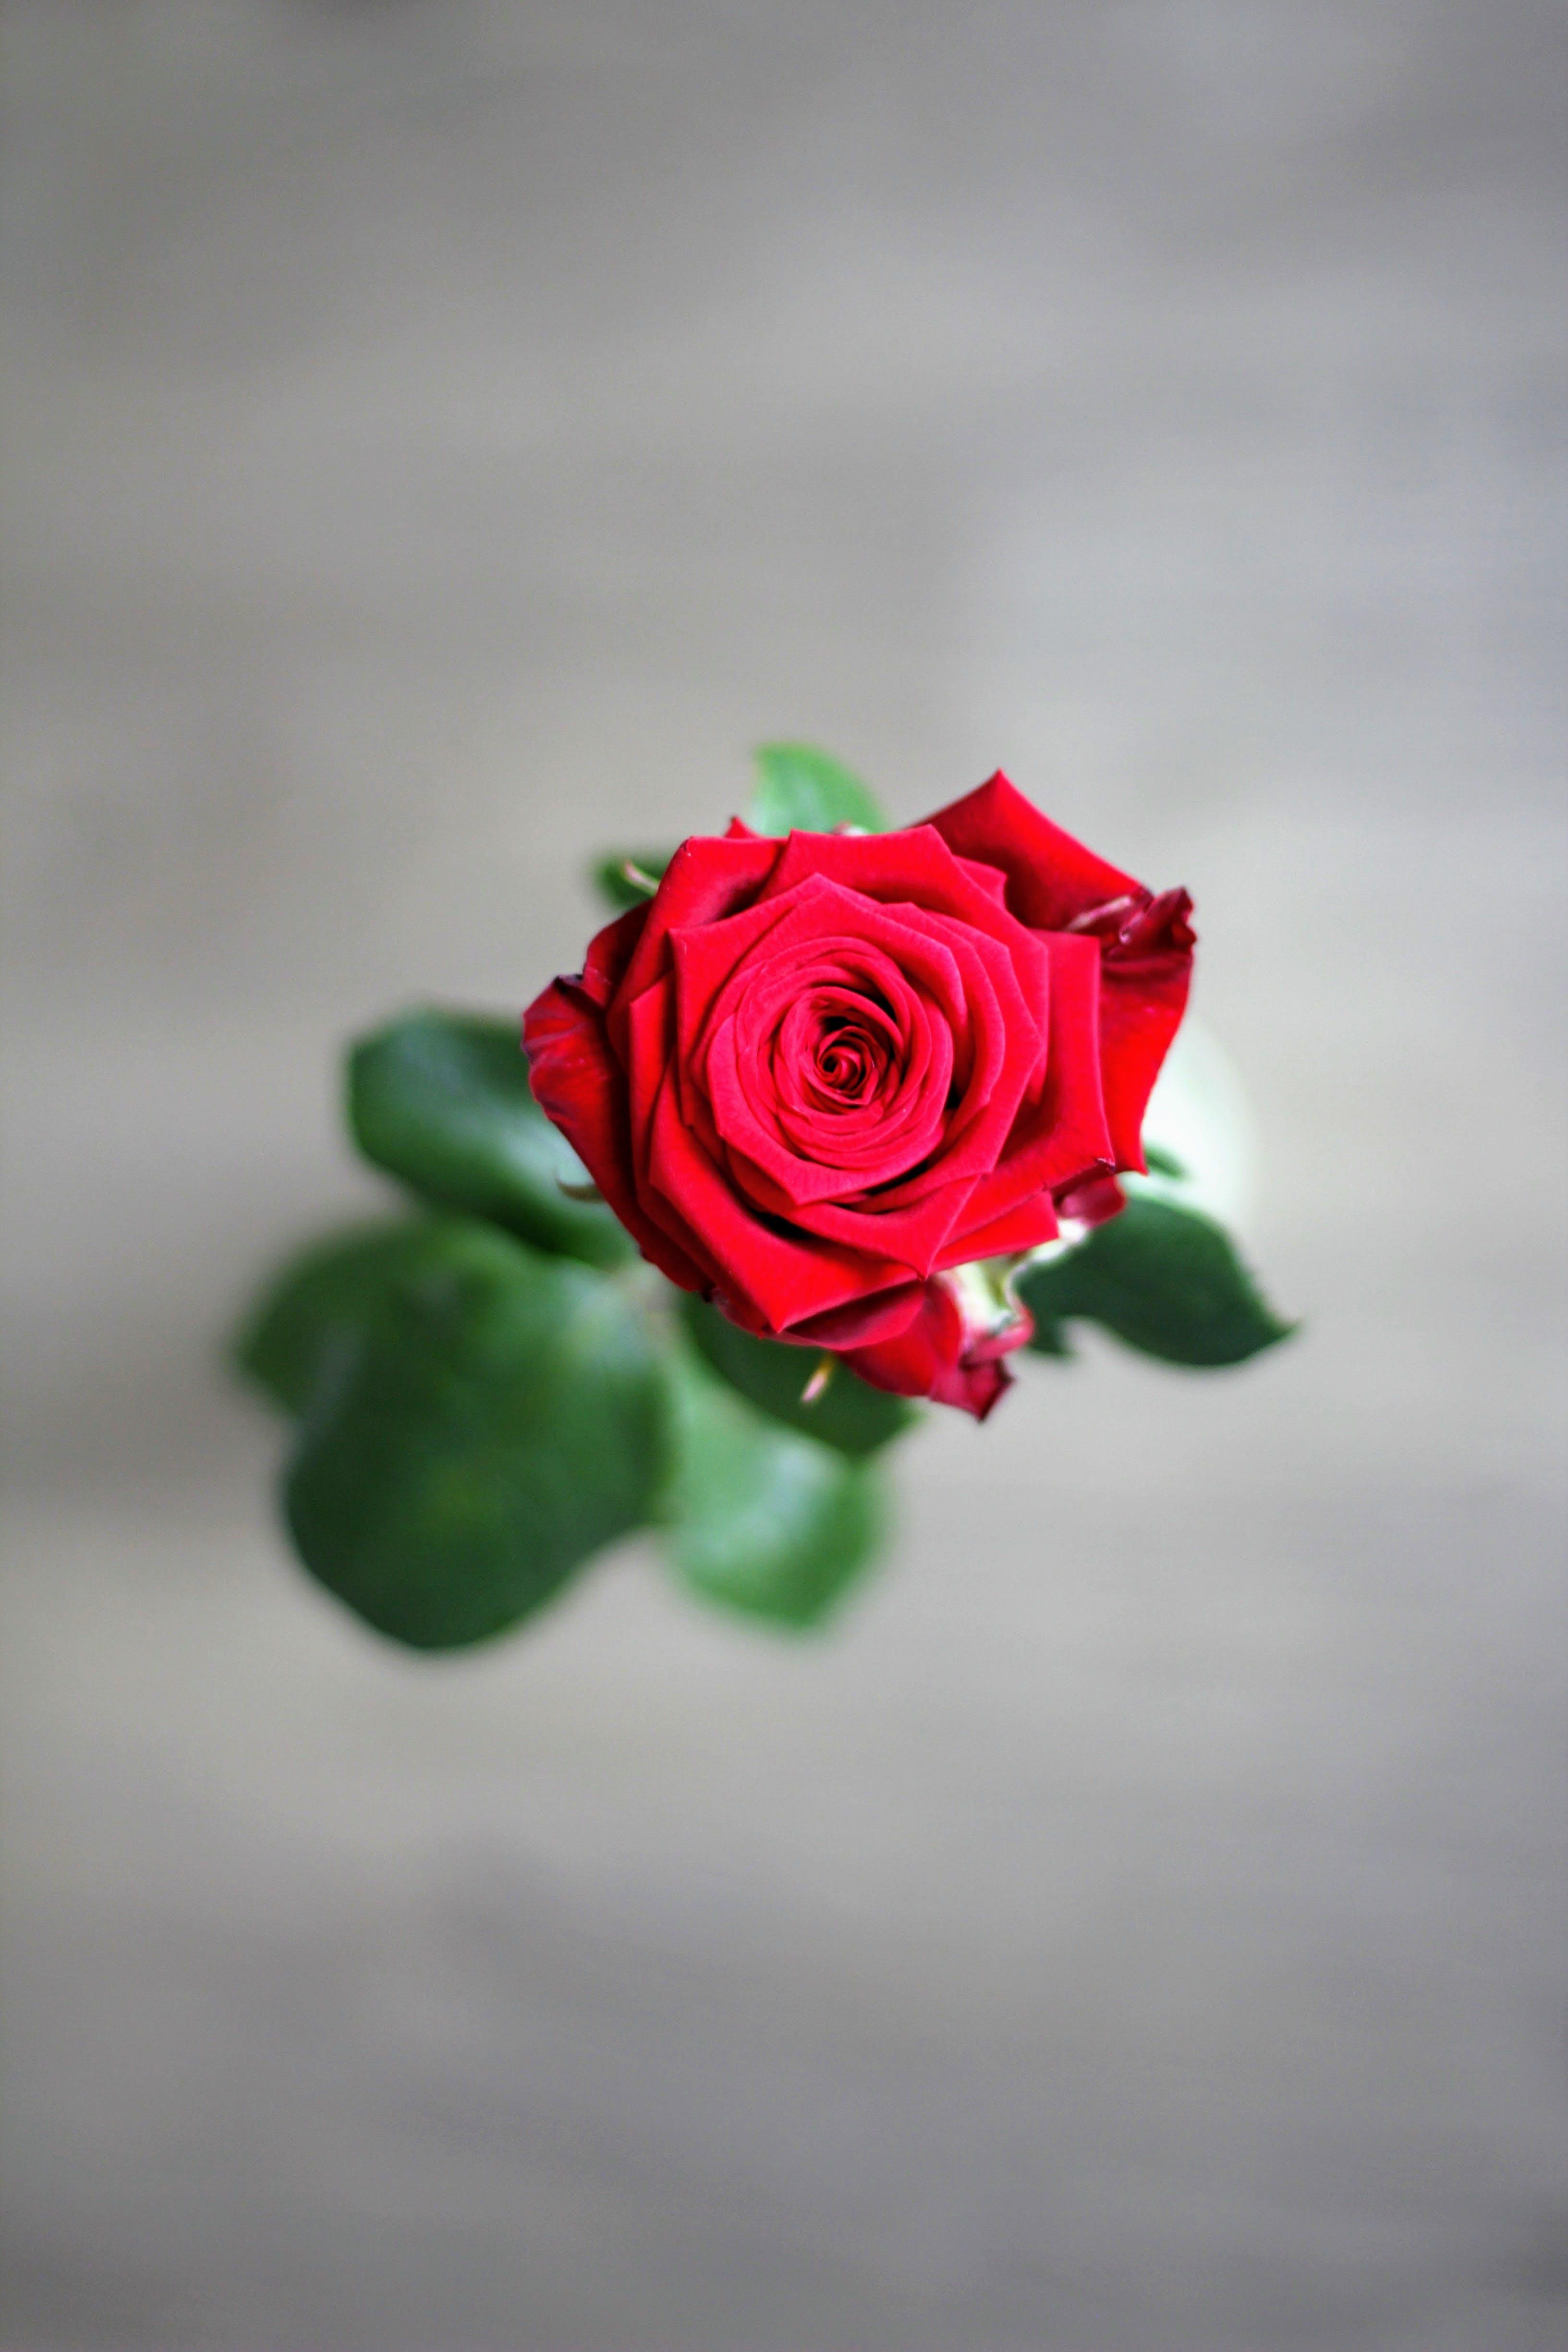 フローラ, ロマンス, ロマンチック, ローズの無料の写真素材